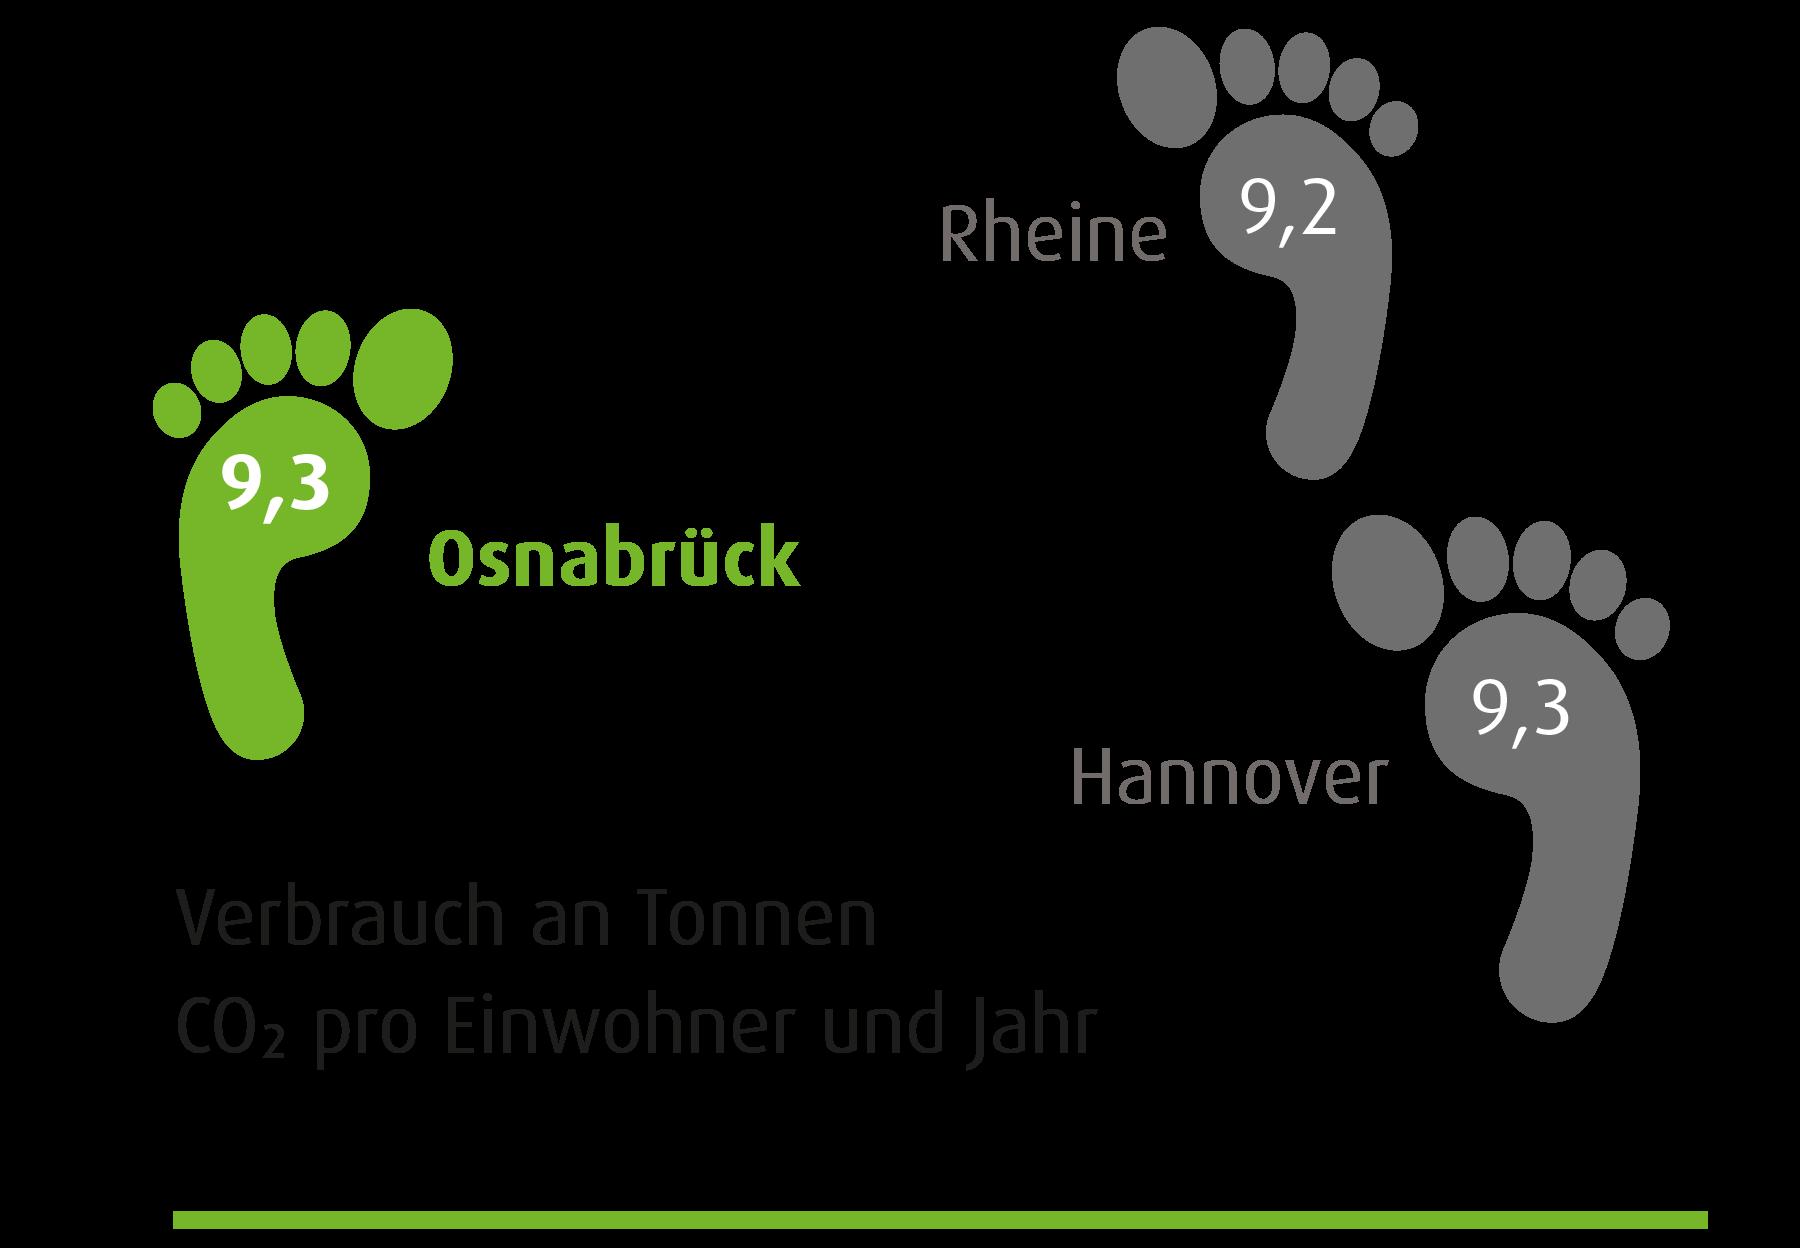 Illustrationen zum Klimawandel in Osnabrück.